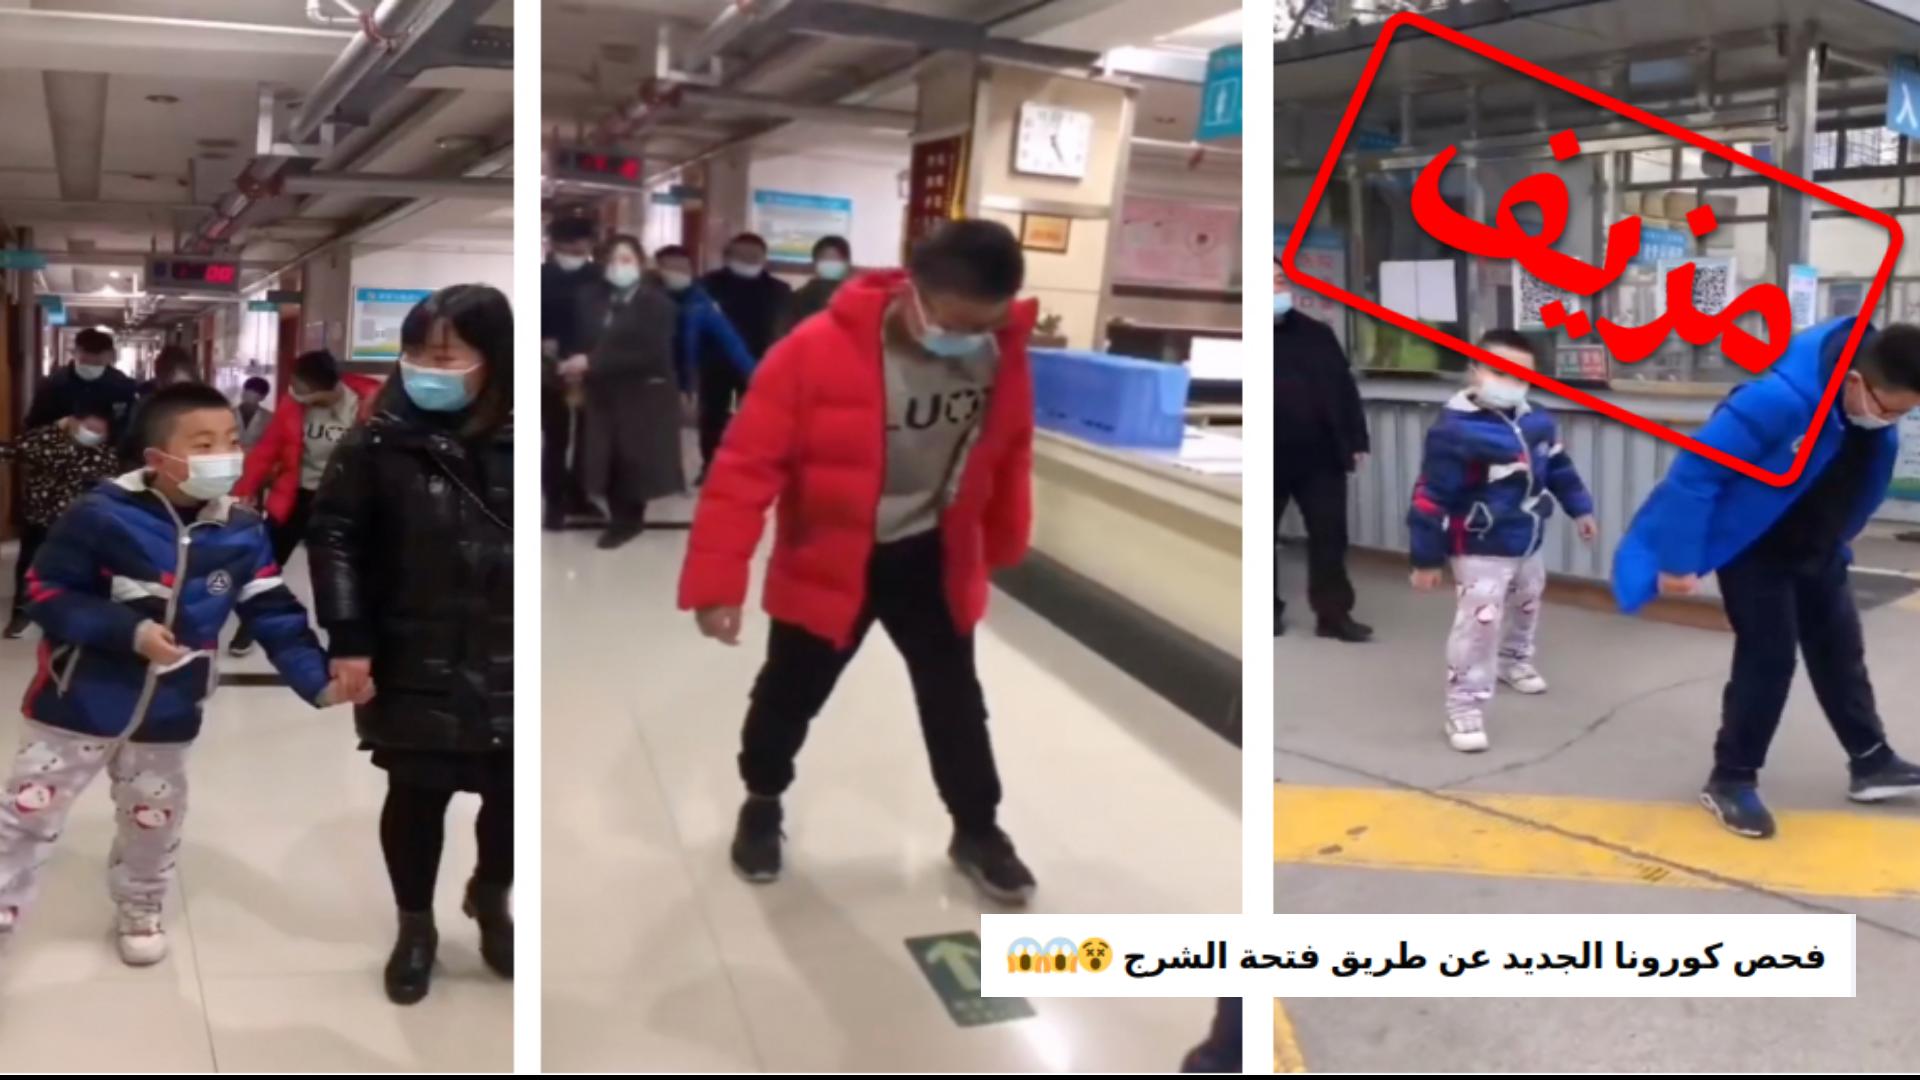 فيديو انتشر على نطاق واسع يظهر أطفالا يسيرون وسيقانهم مفتوحة.